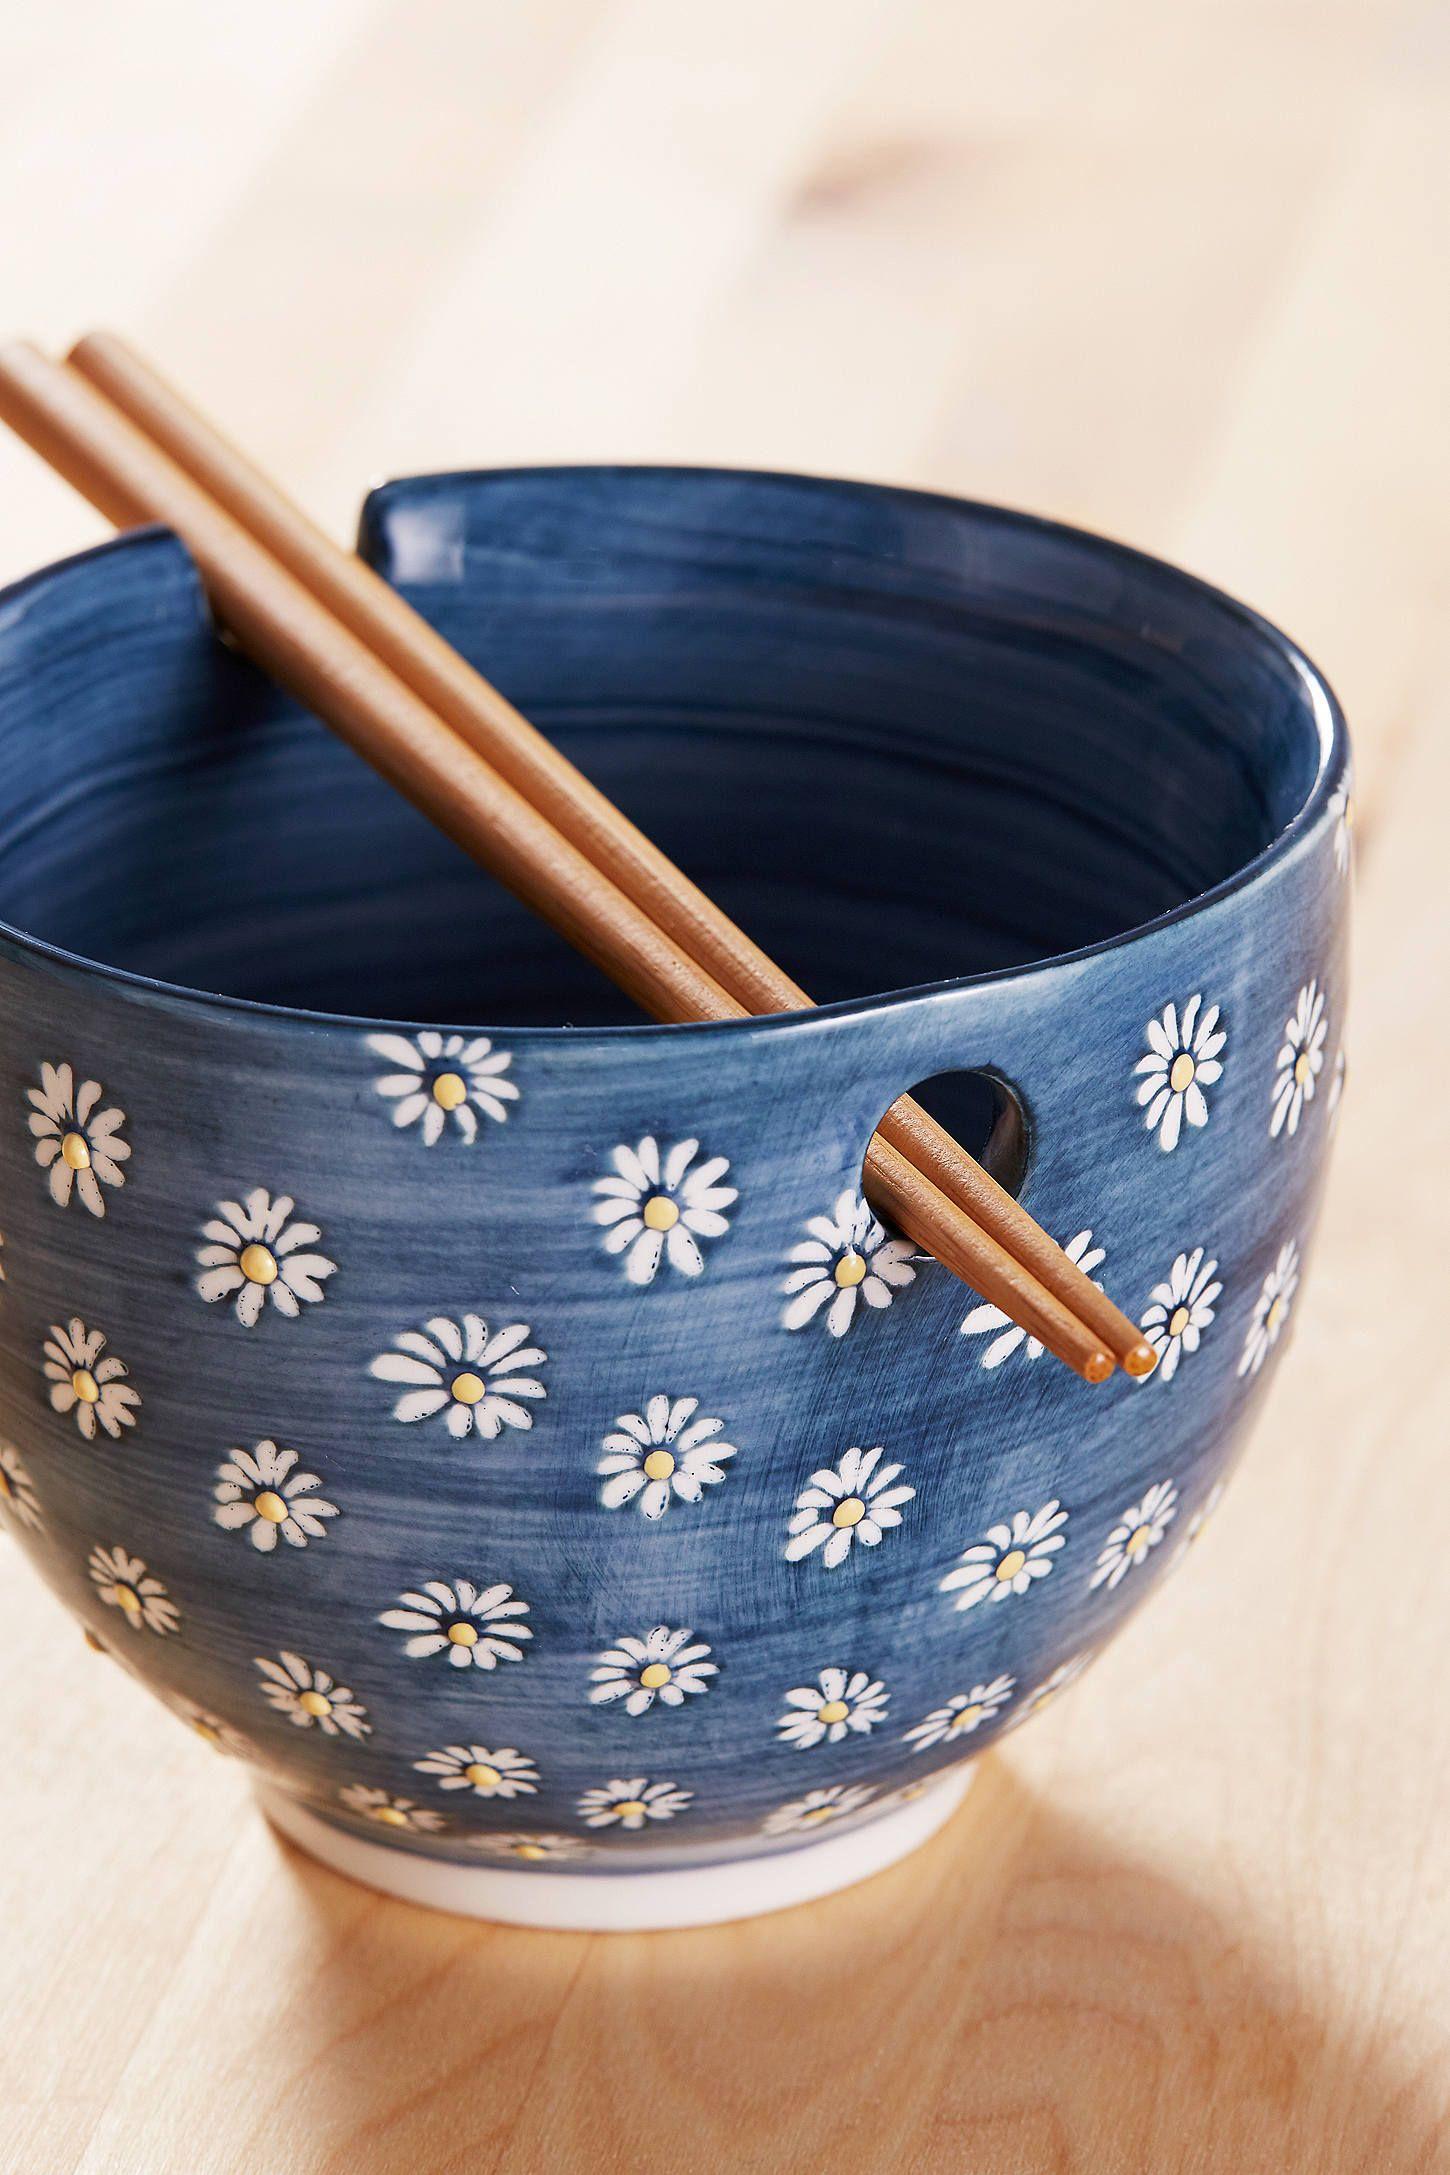 Noodle Bowl + Chopsticks Set | Pinterest